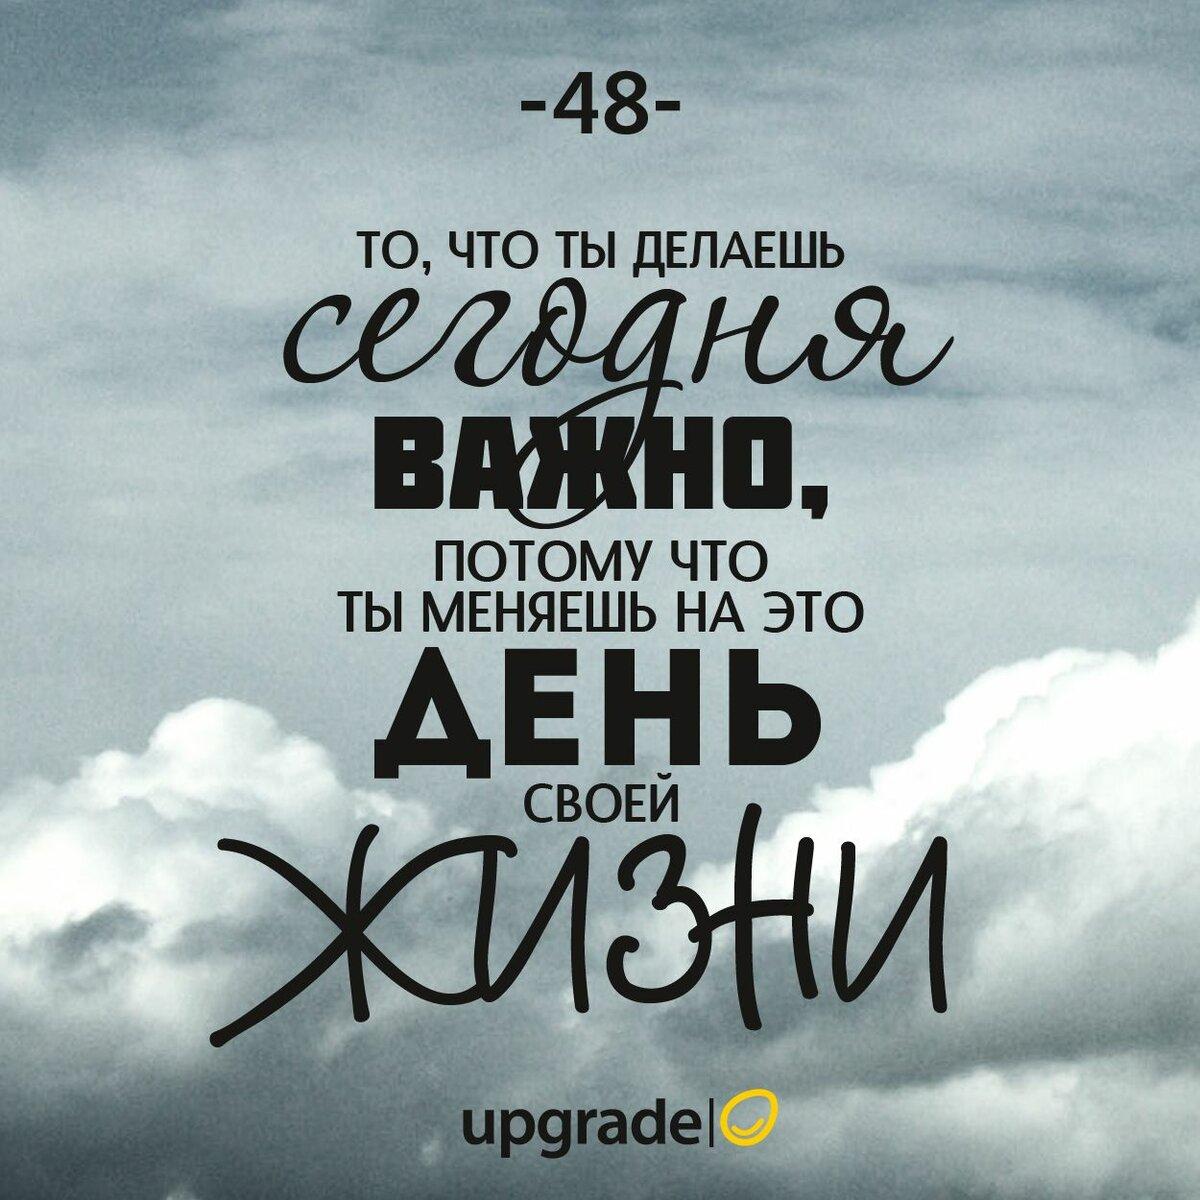 Красивые мотивирующие картинки с цитатами на русском